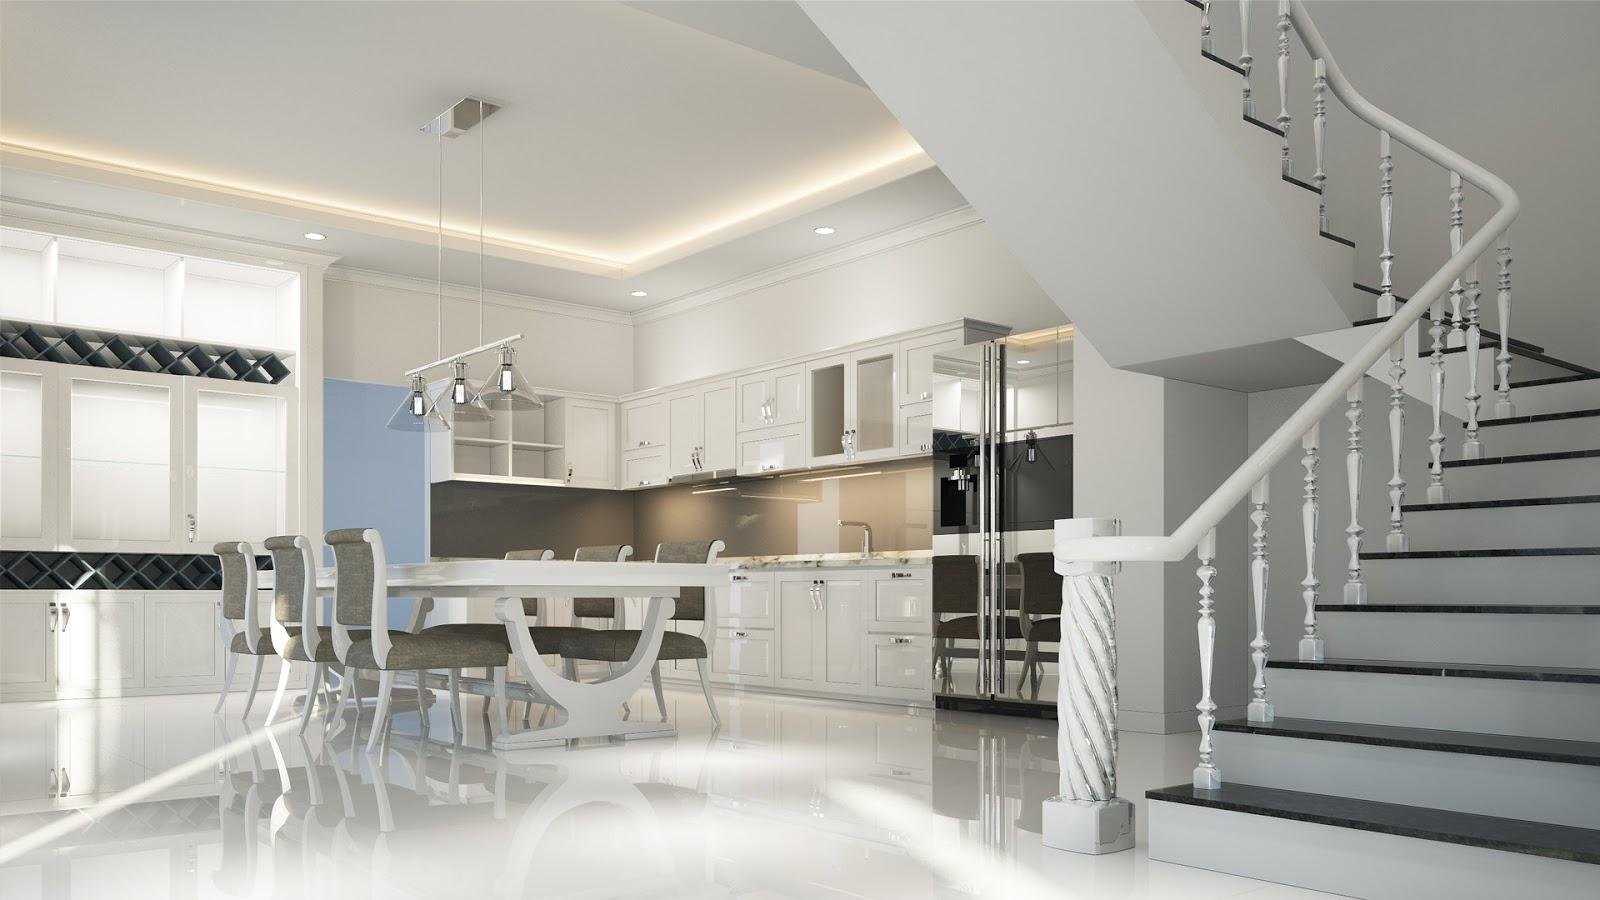 Comment Decorer Sa Maison Interieur Moderne Maison Design